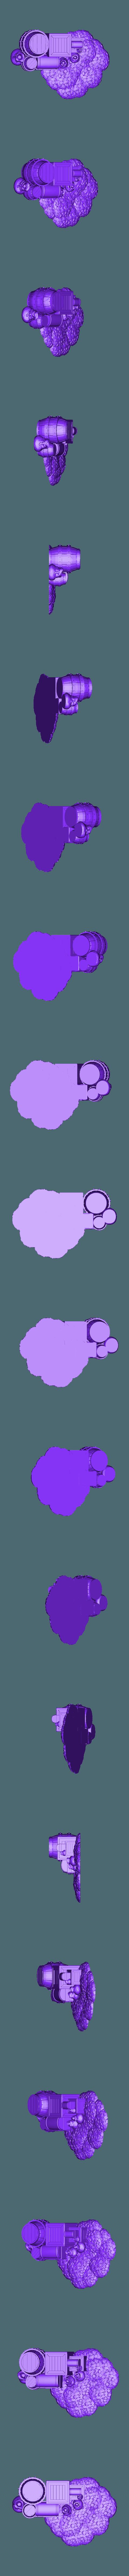 Tesours.obj Télécharger fichier OBJ gratuit testicules • Design pour imprimante 3D, 3DRune